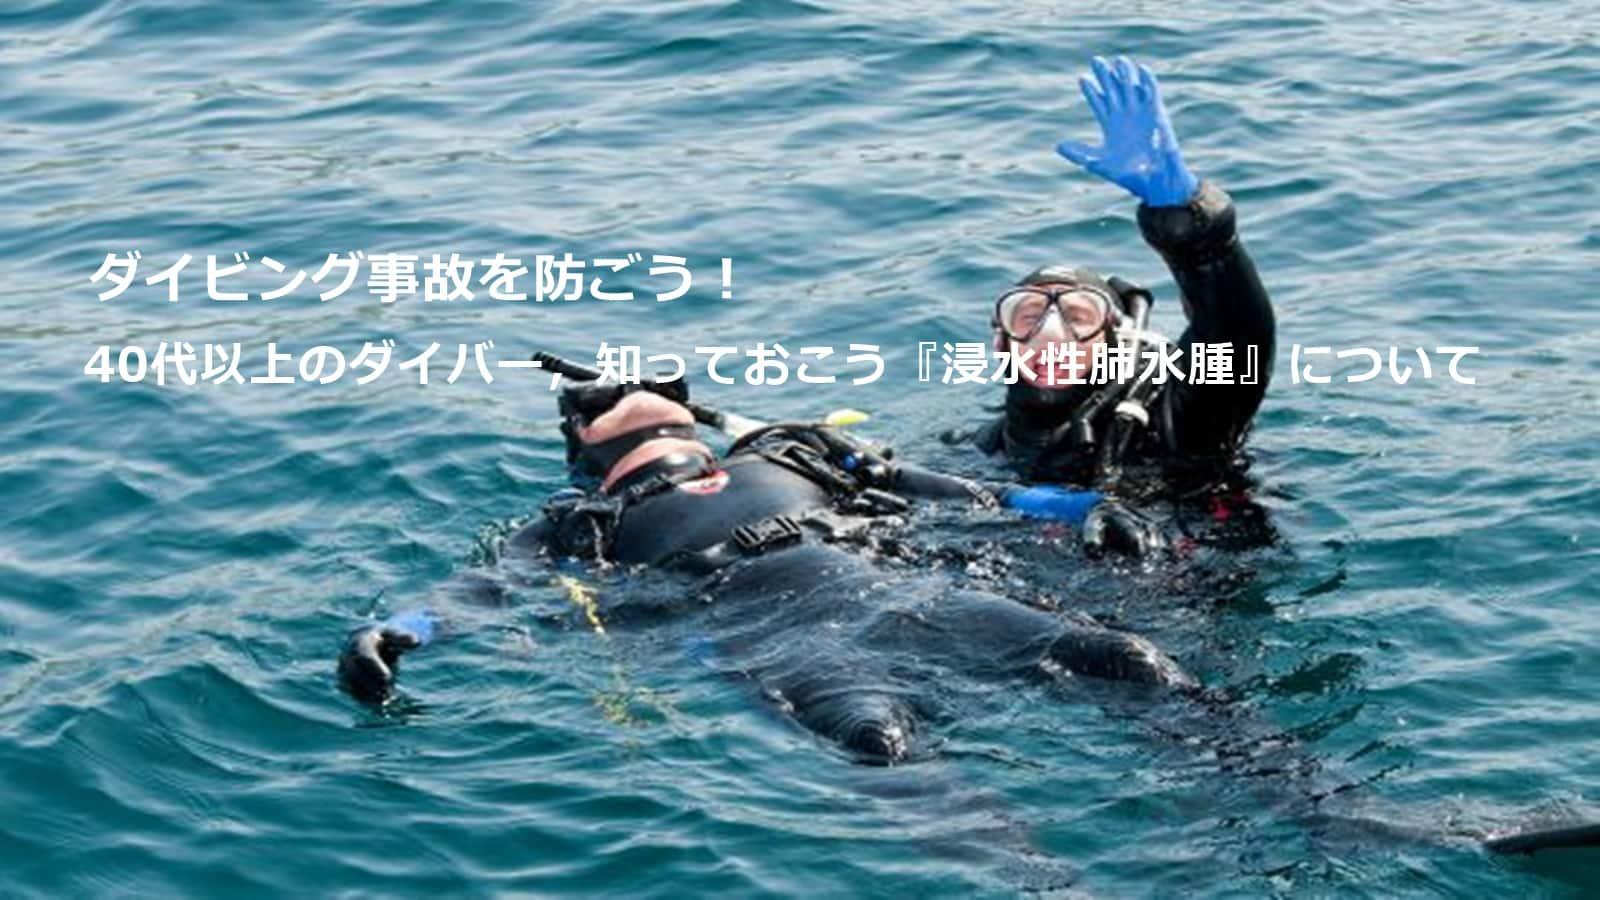 ダイビング事故と浸水性肺水腫